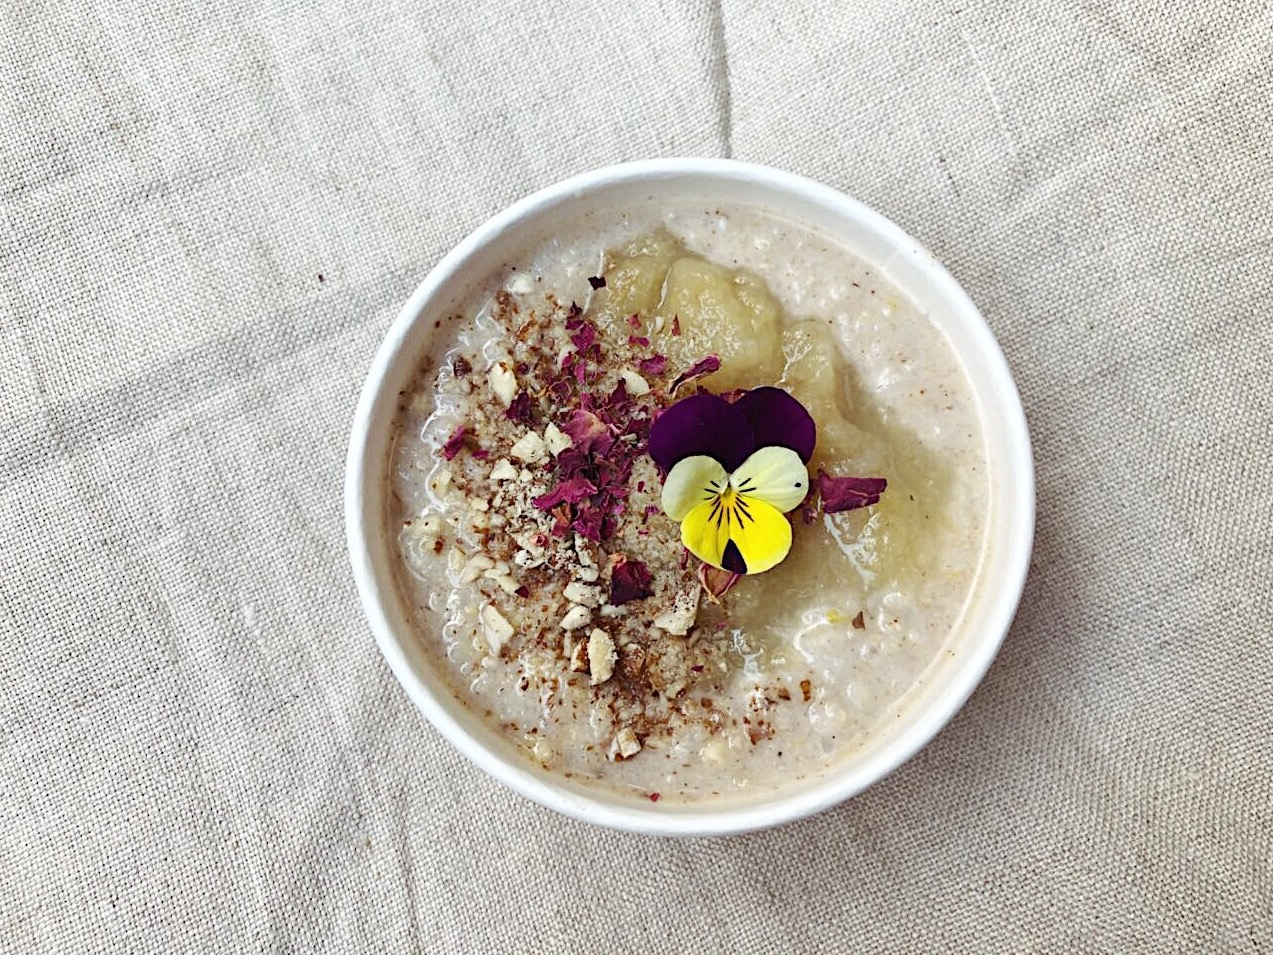 cafe-susann-kaiserslautern-ayurvedisches-naturreisporridge-apfelmus-mandeln-glutenfrei